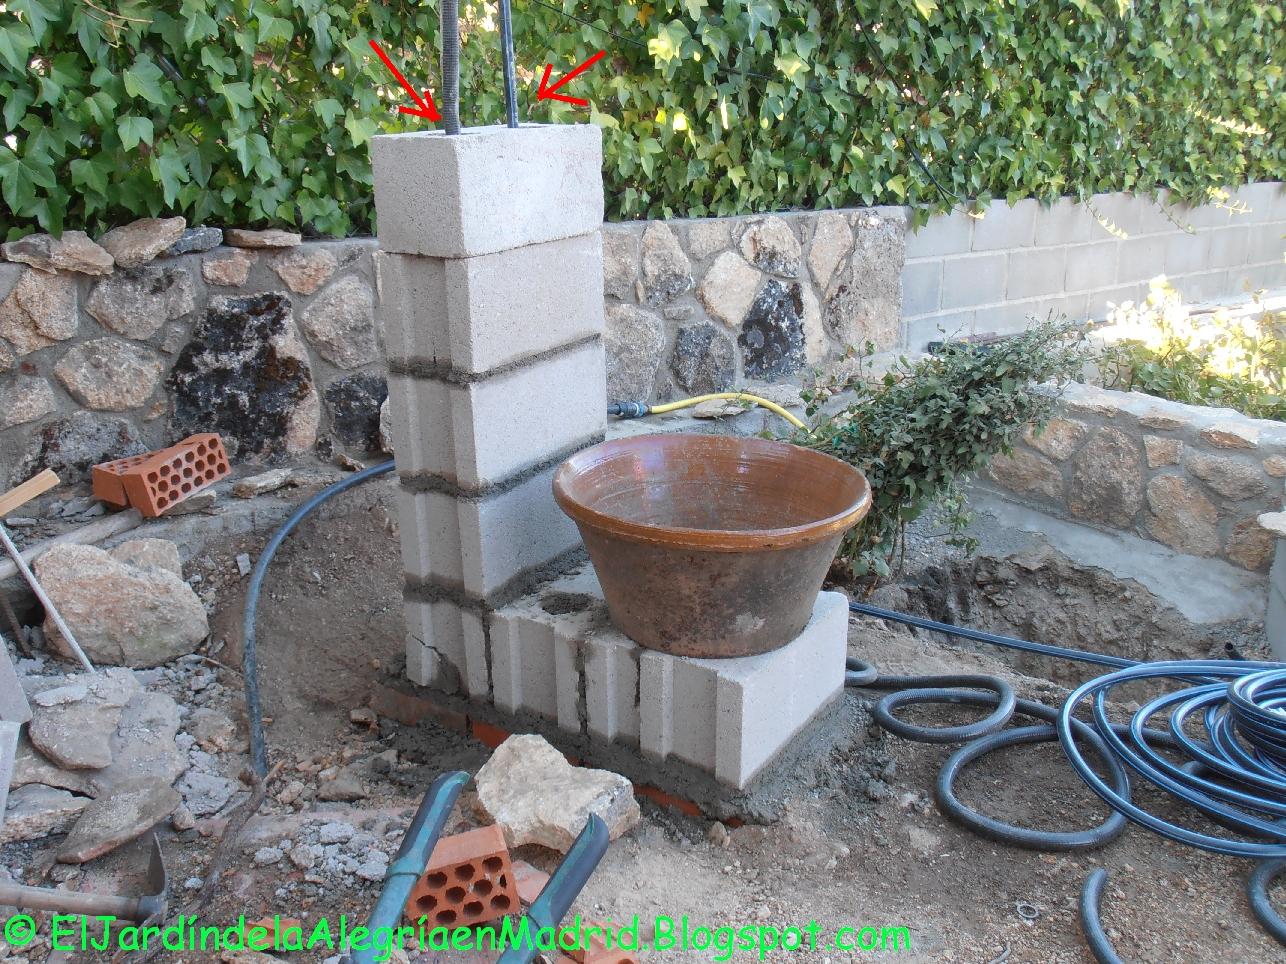 El jard n de la alegr a agua c mo instalar una bomba for Construir una fuente de jardin